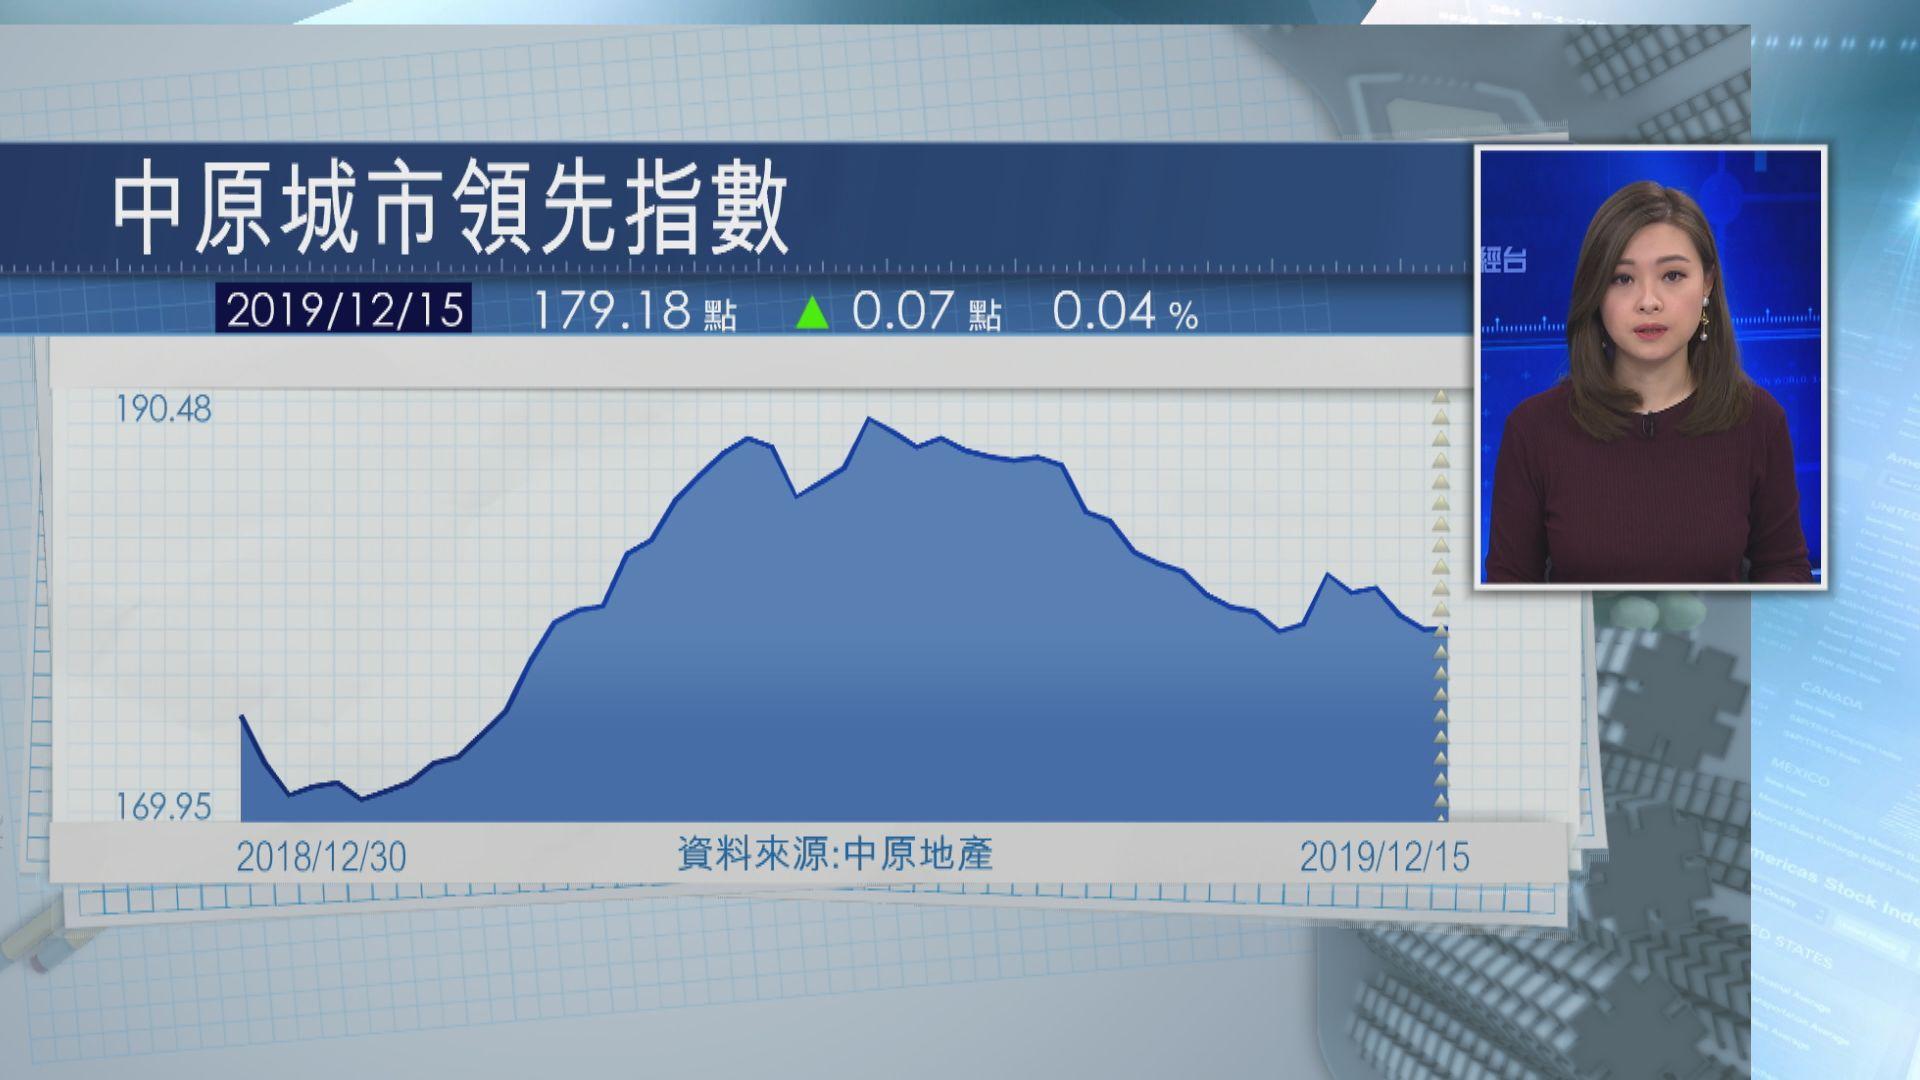 【按周微升】本港樓價指數報179.18 九龍區下跌